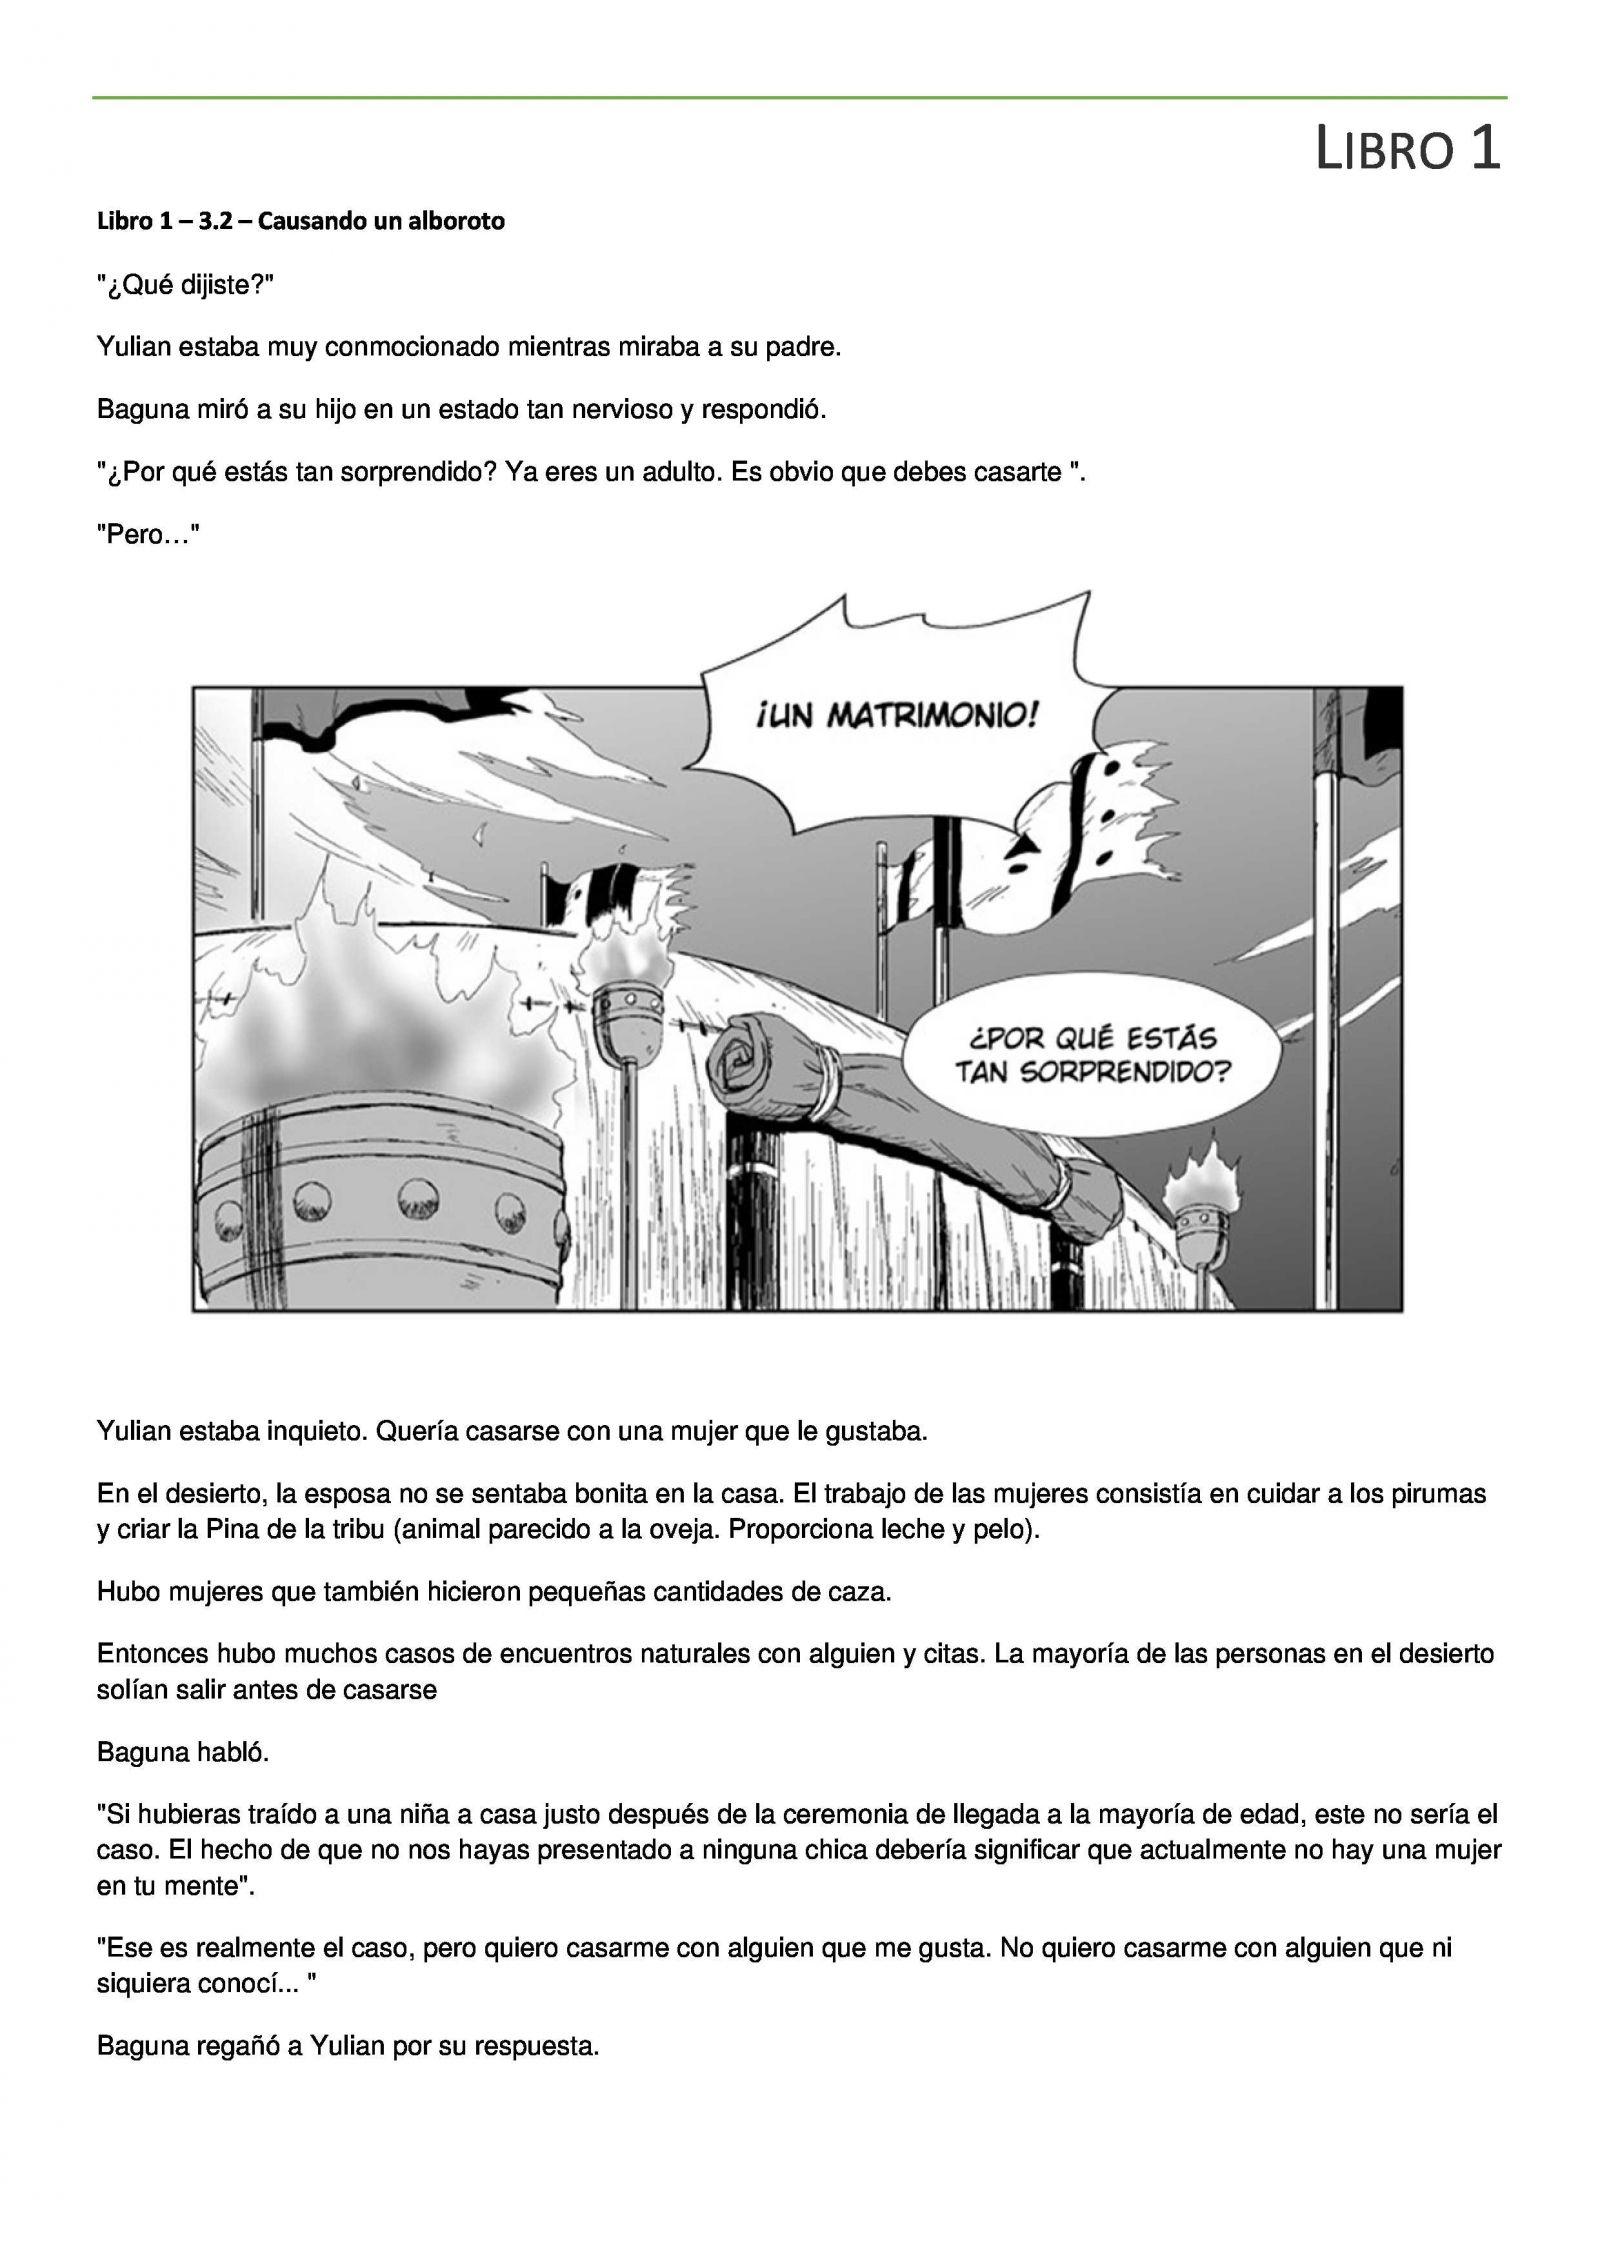 https://c9.mangatag.com/es_manga/pic4/55/24695/623579/12cda74722ca228f321e38329795ac41.jpg Page 1